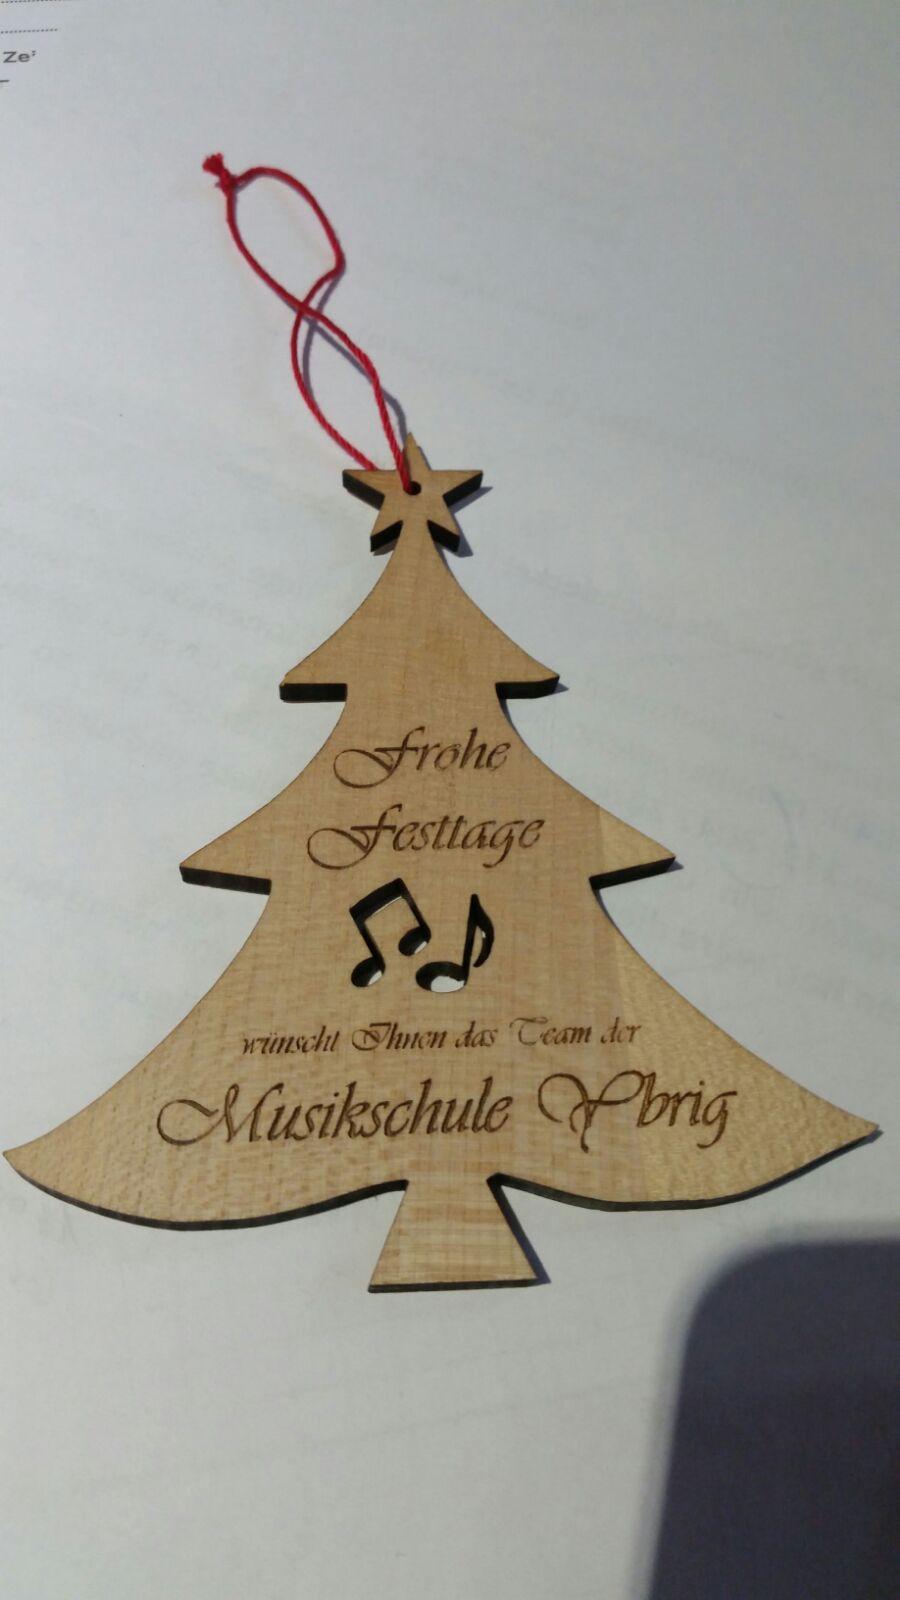 Kundengeschenk zu Weihnachten der Musikschule Ybrig. Office Helpers berät sie gerne.